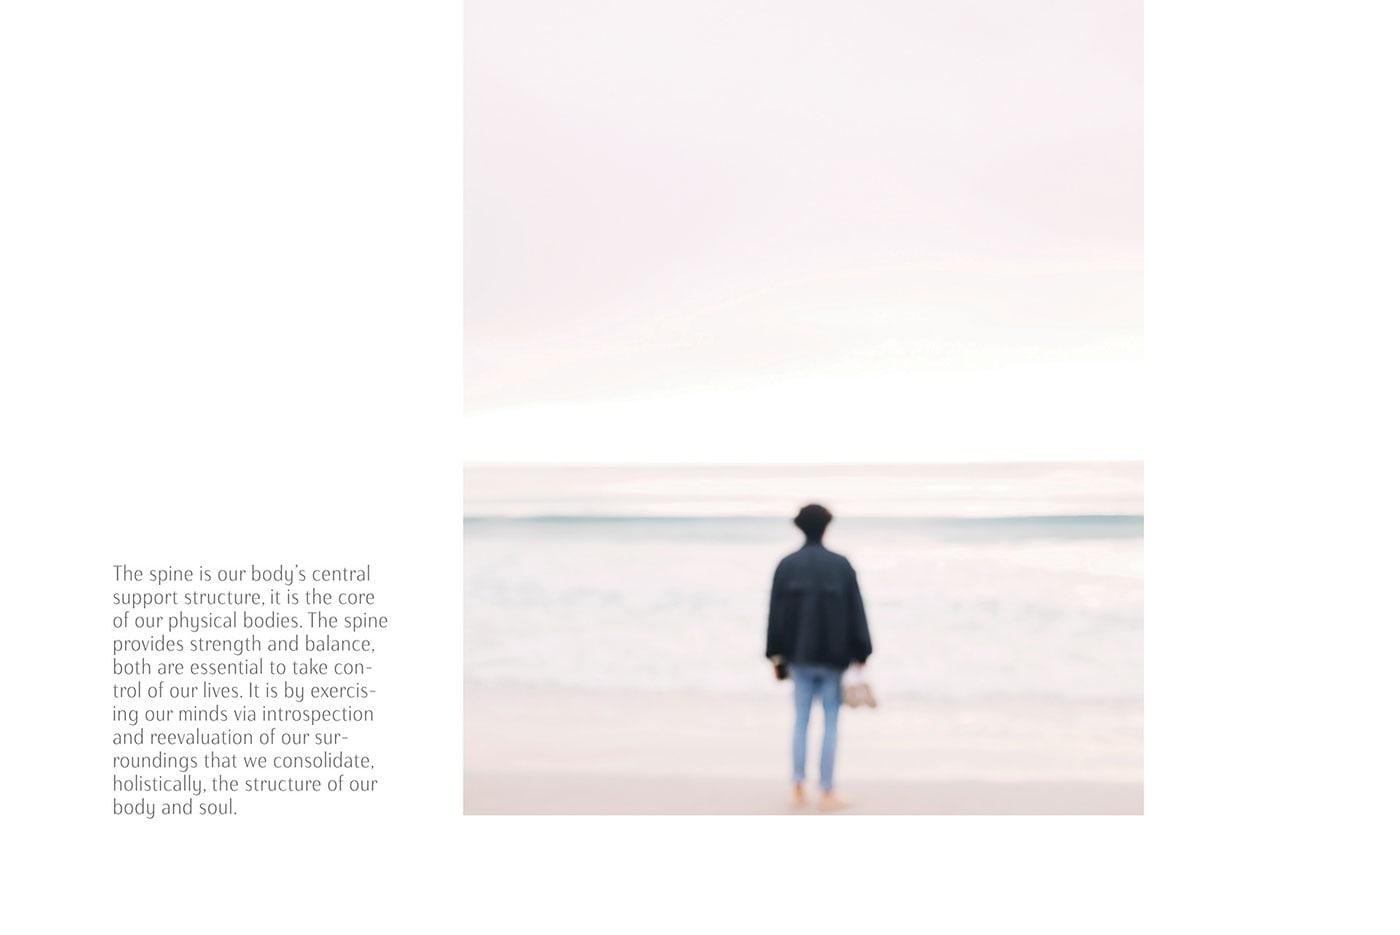 清新极简风 Spine季刊杂志版面设计